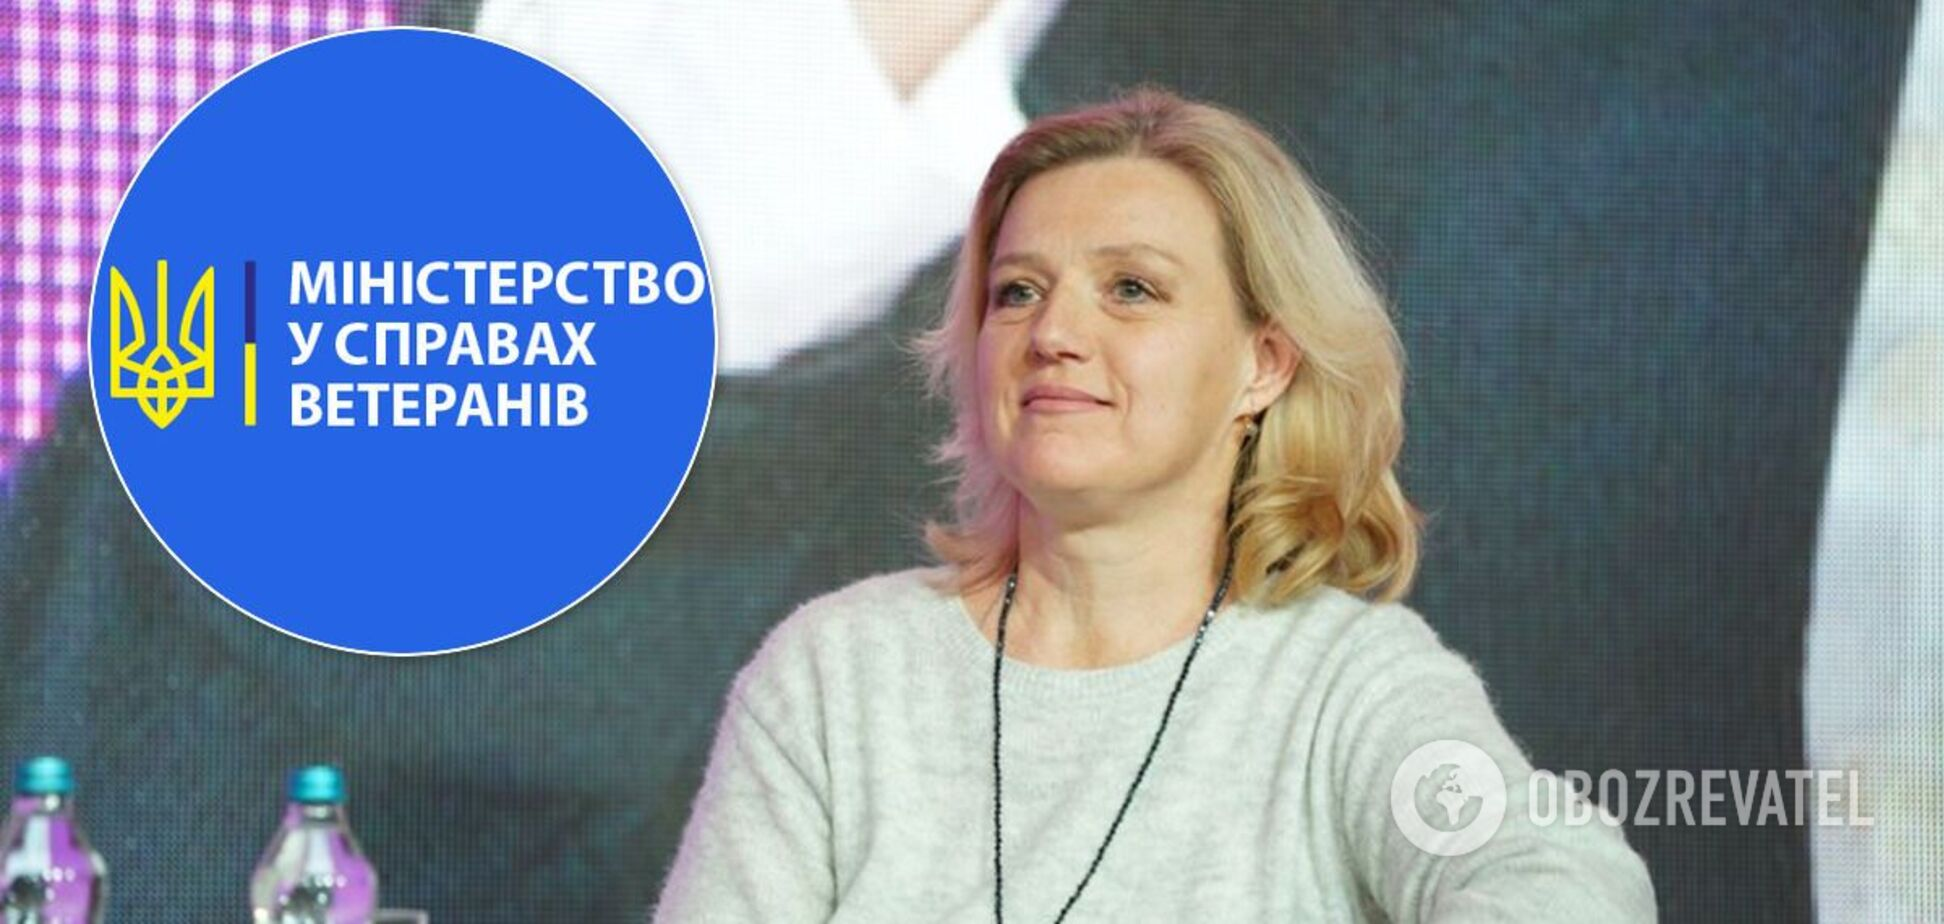 Юлия Лапутина возглавила Министерство по делам ветеранов